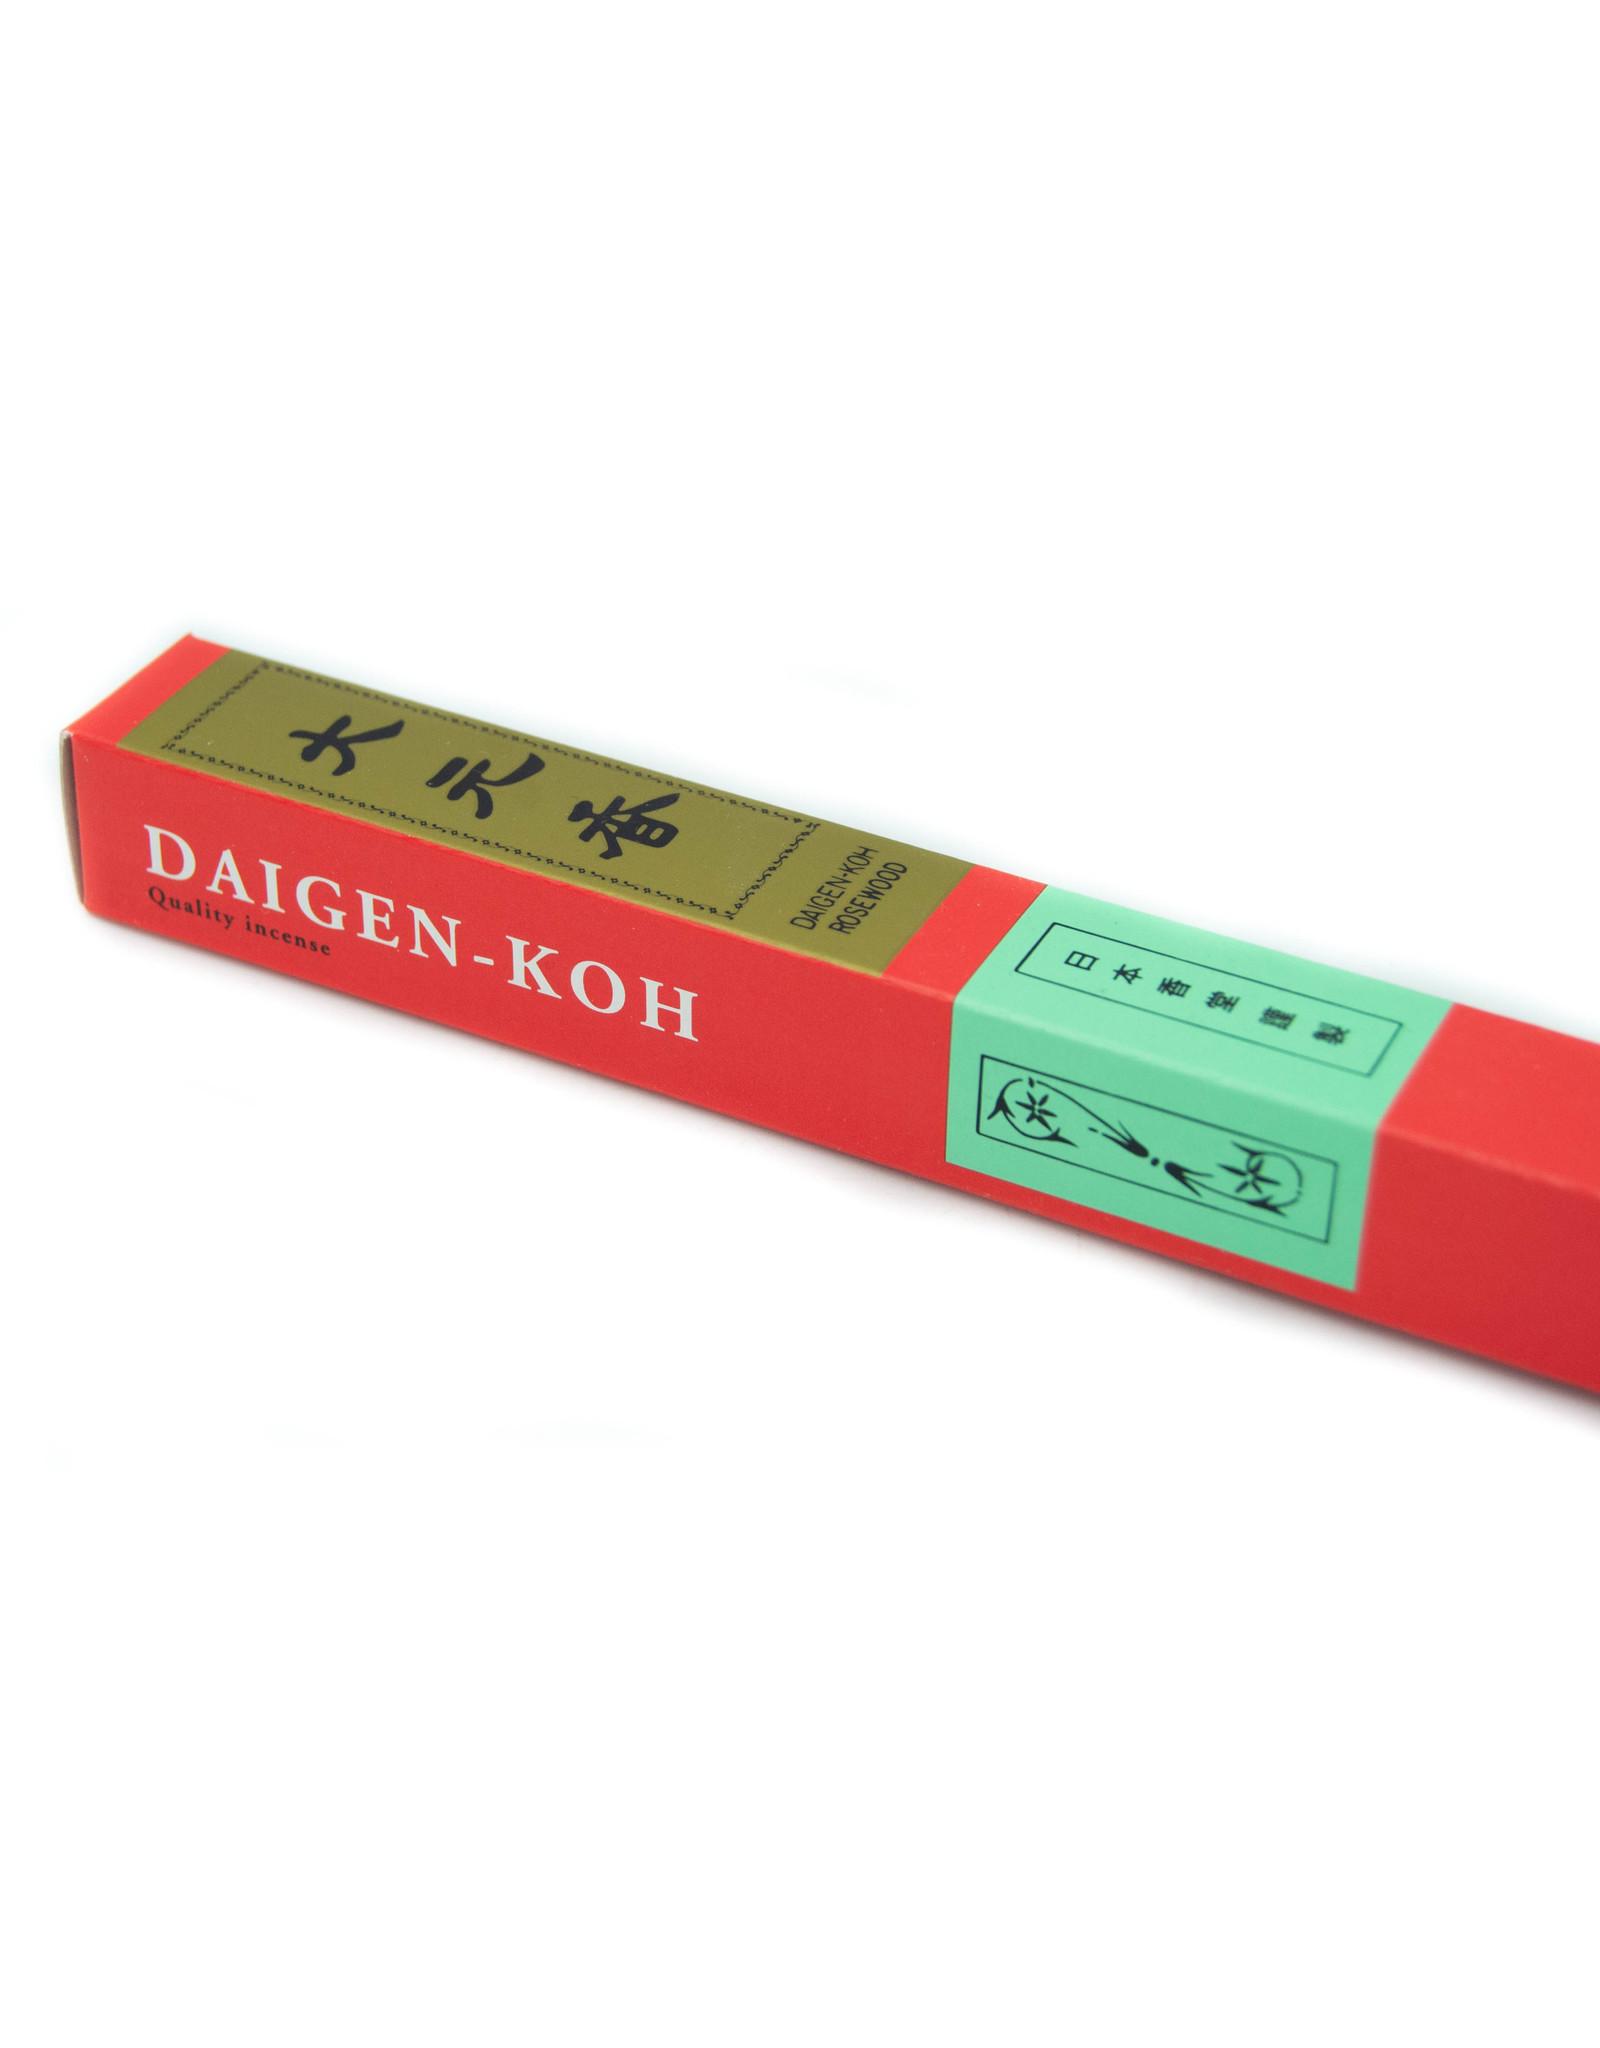 Encens Daigen-Koh